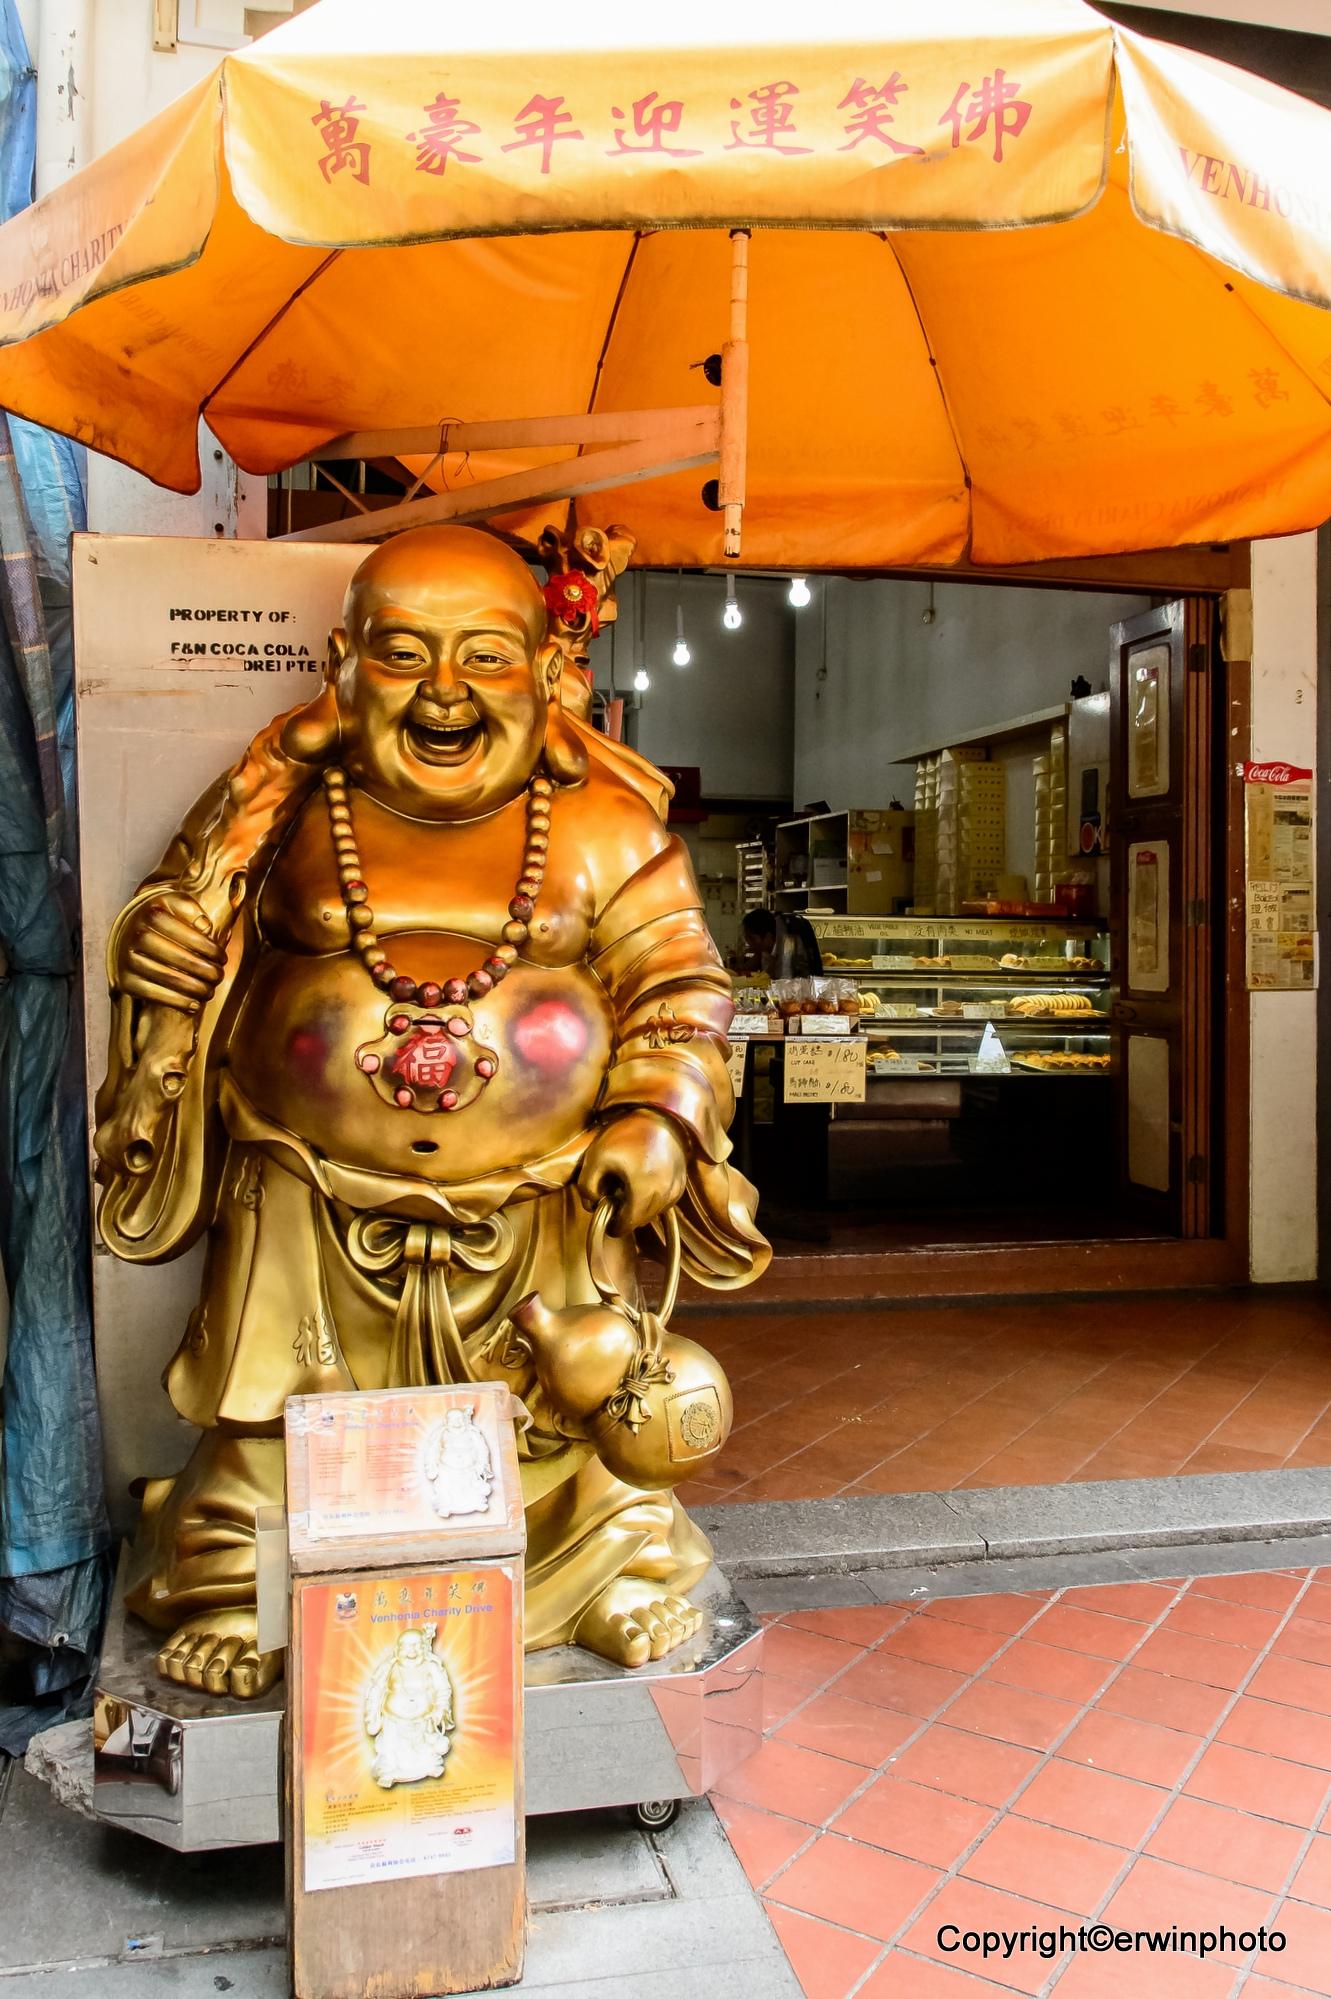 Der glückliche Buddha als Automat in Singapur